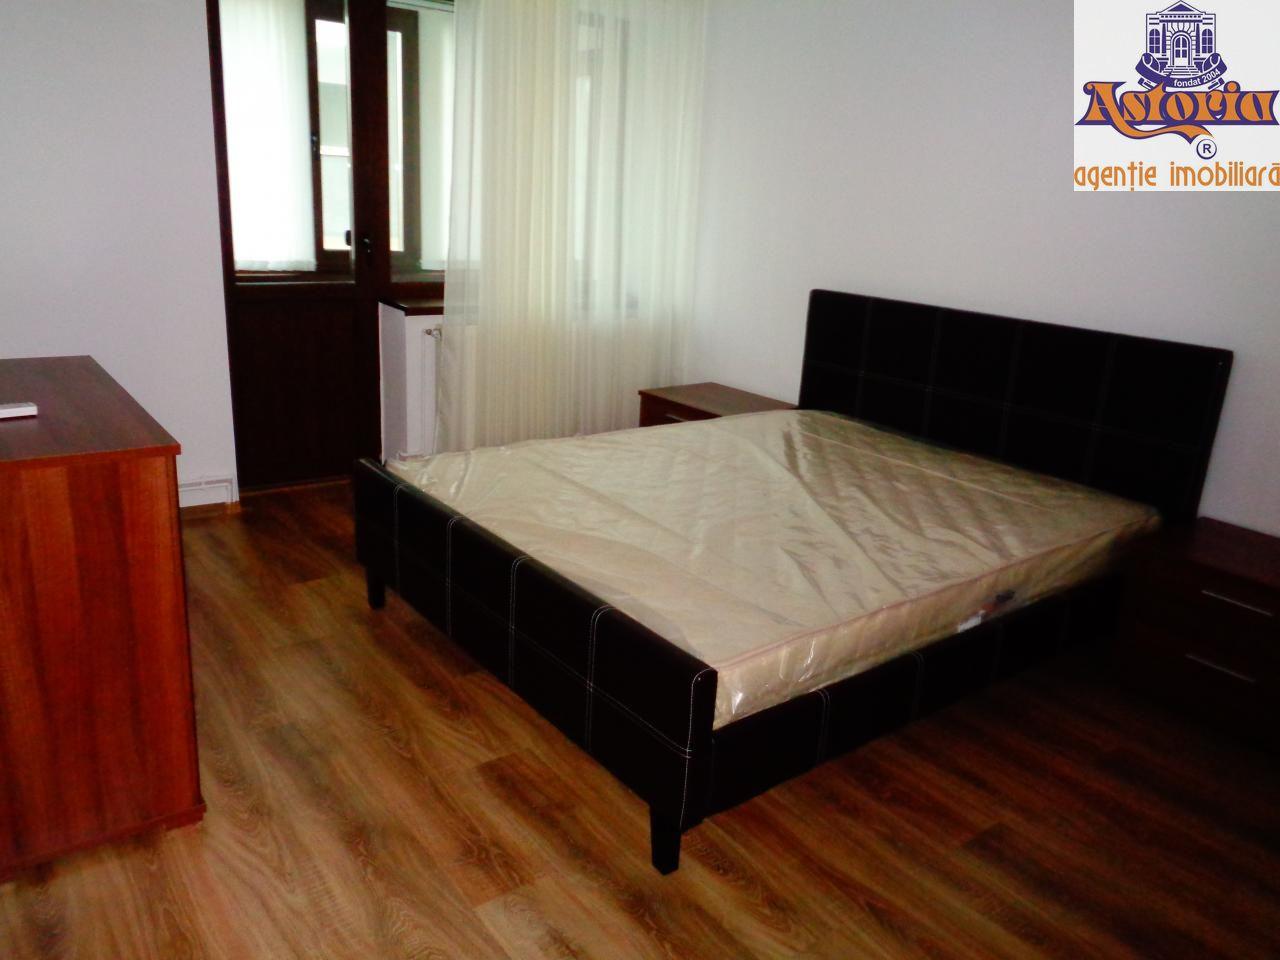 Apartament de inchiriat, Pitesti, Arges, Banat - Foto 1